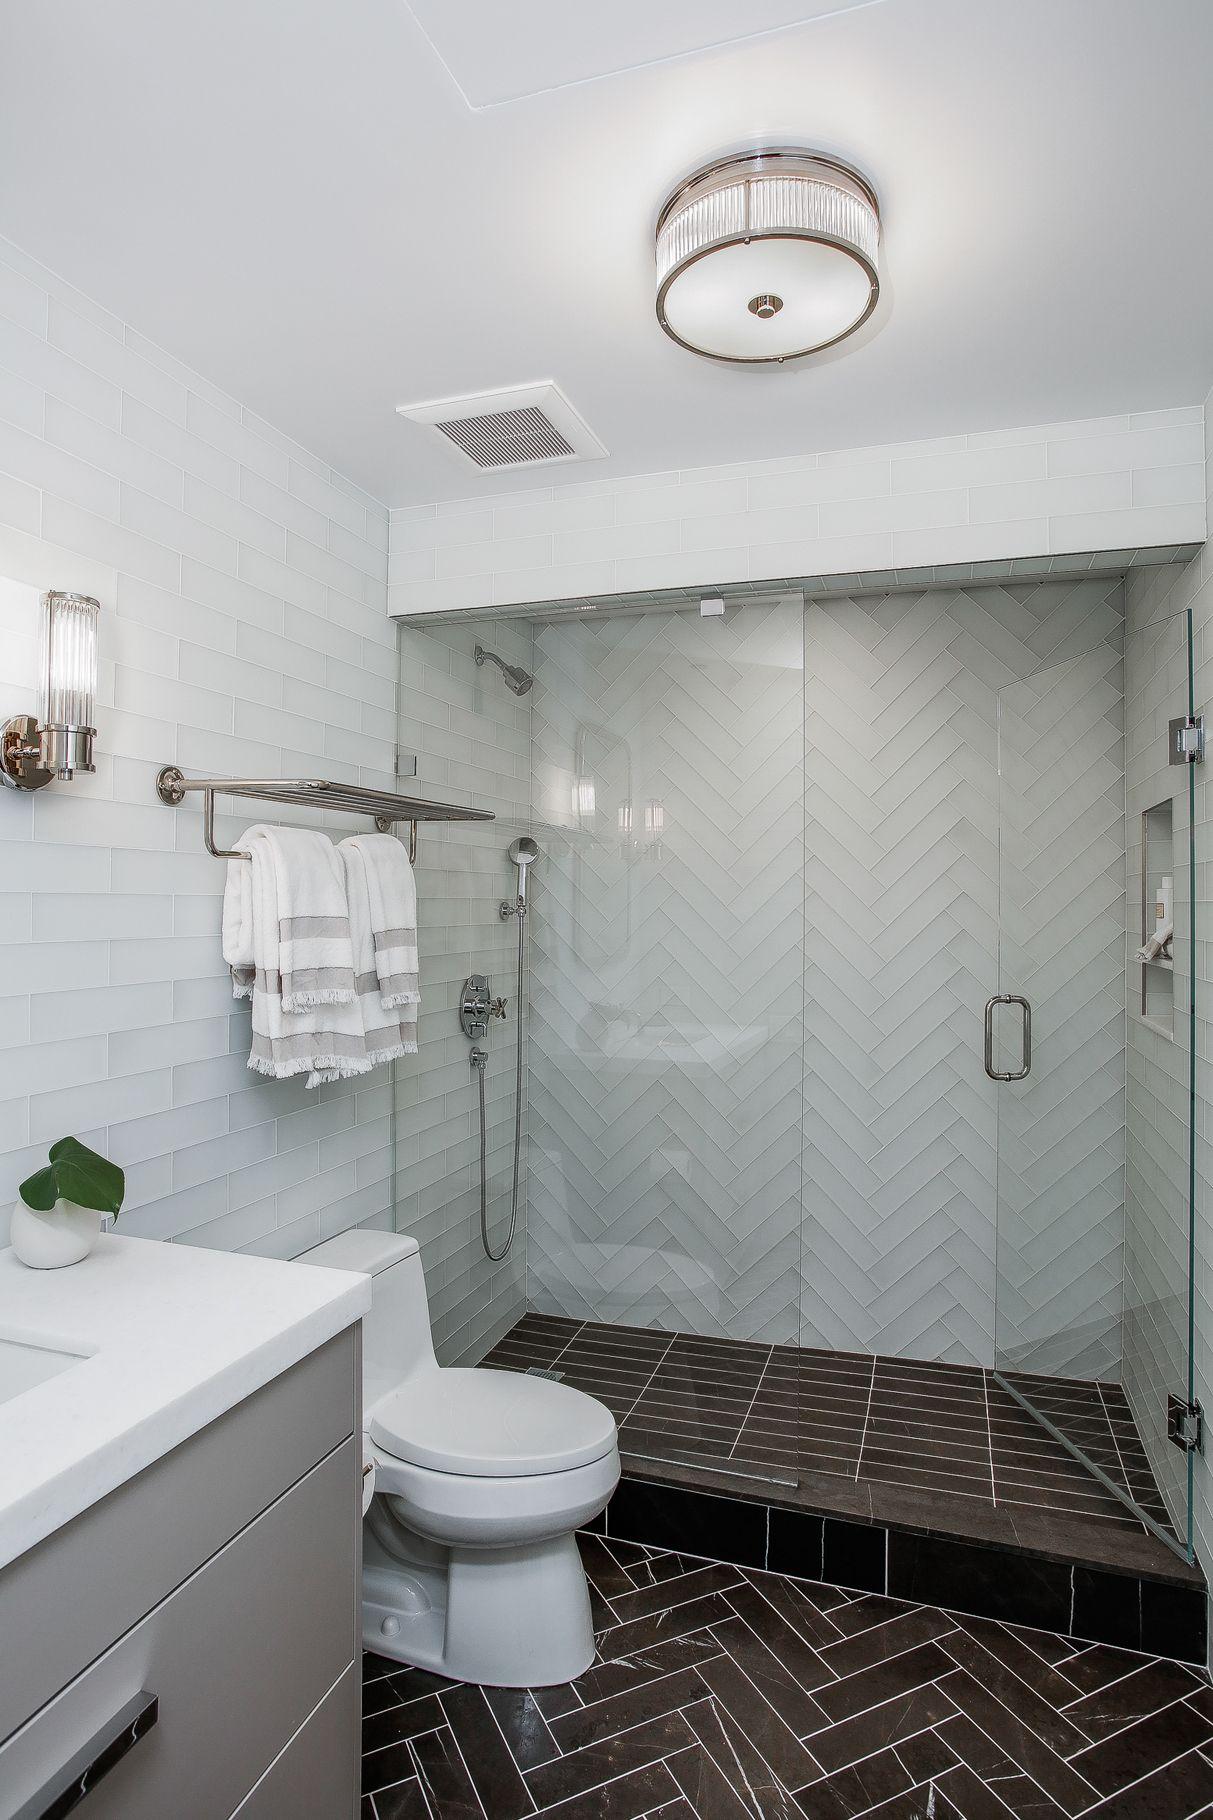 Fully Tiled Bathroom Walls Herringbone Tile Frame Less Glass - Fully tiled bathroom